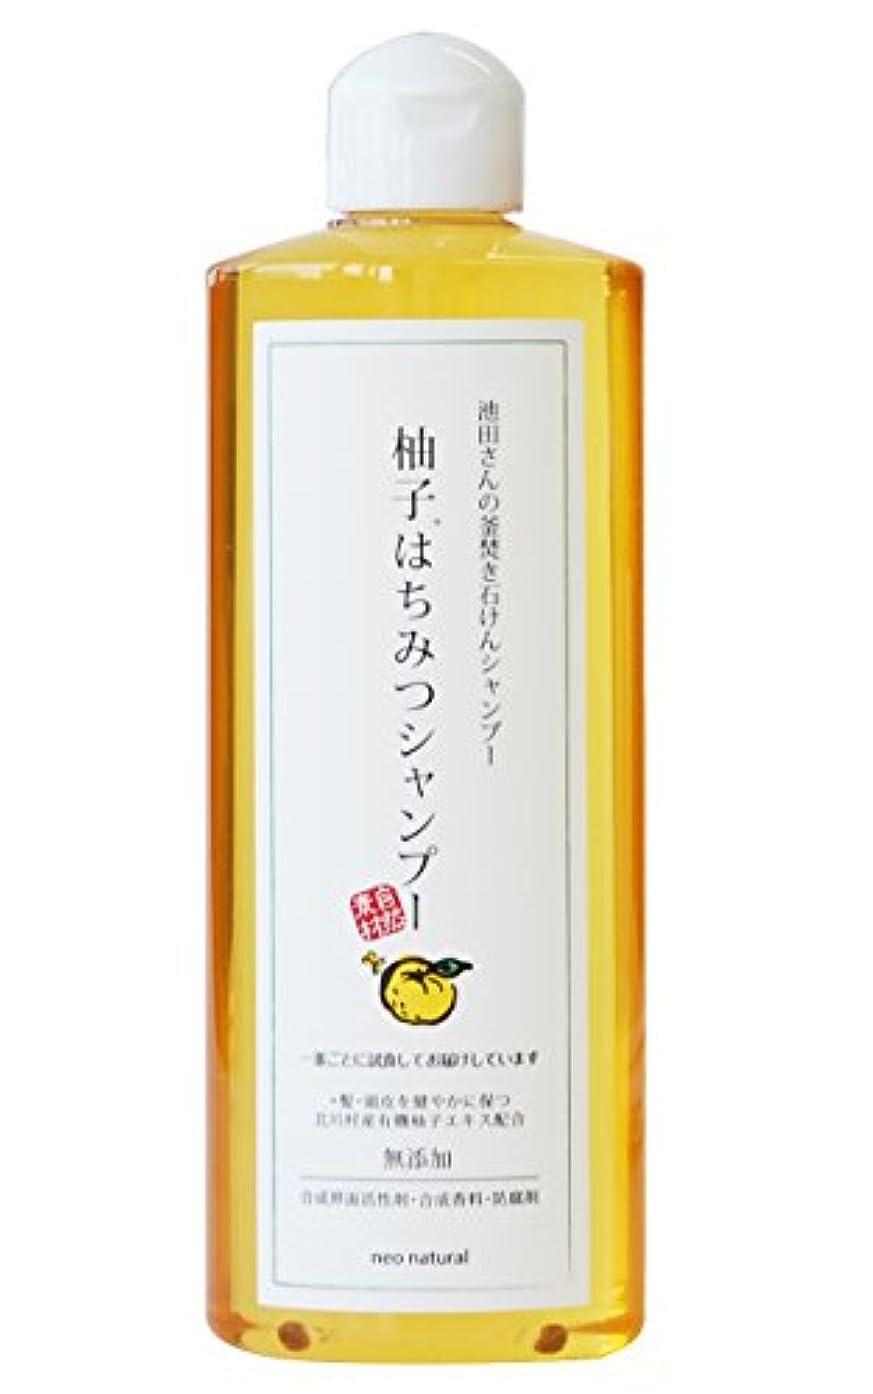 バインド写真第五ネオナチュラル 柚子はちみつシャンプー 300ml